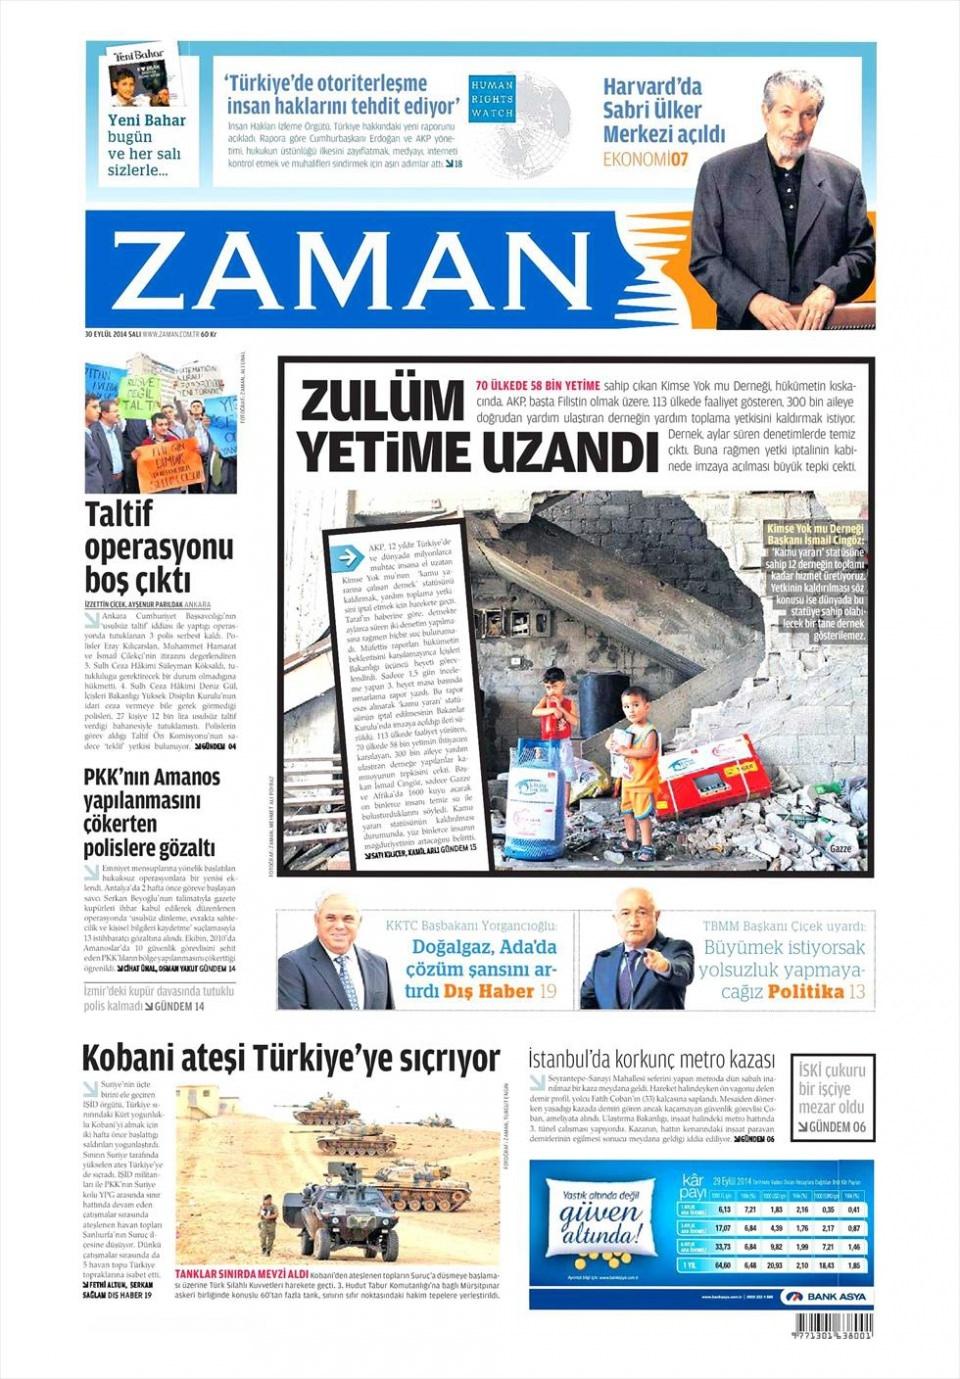 30 Eylül 2014 gazete manşetleri 26